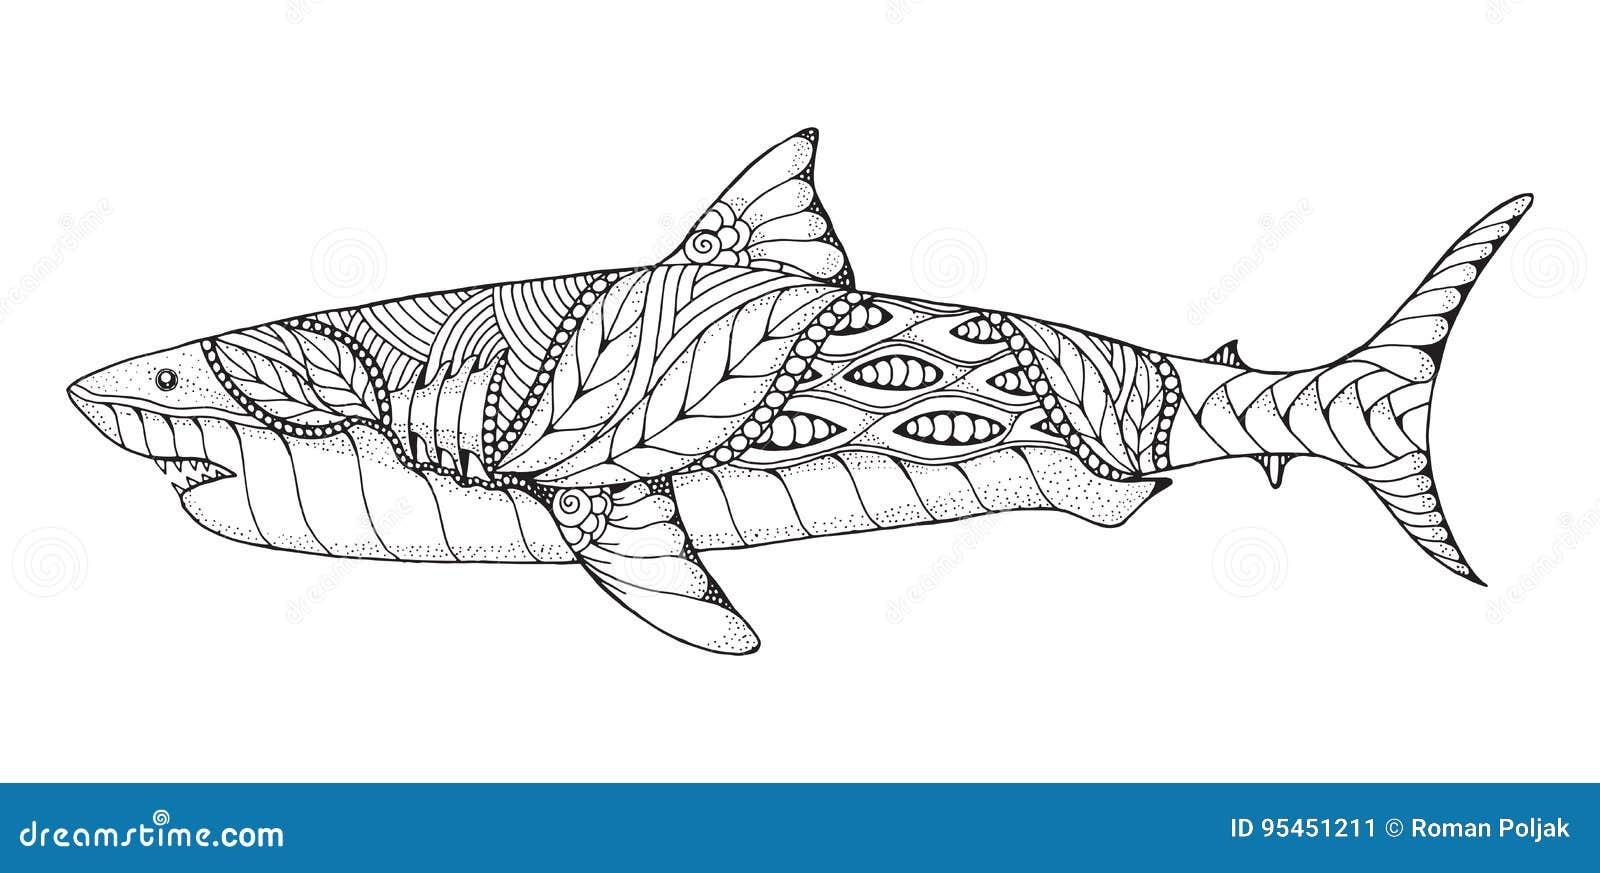 Squalo bianco da colorare fredrotgans for Disegno squalo bianco